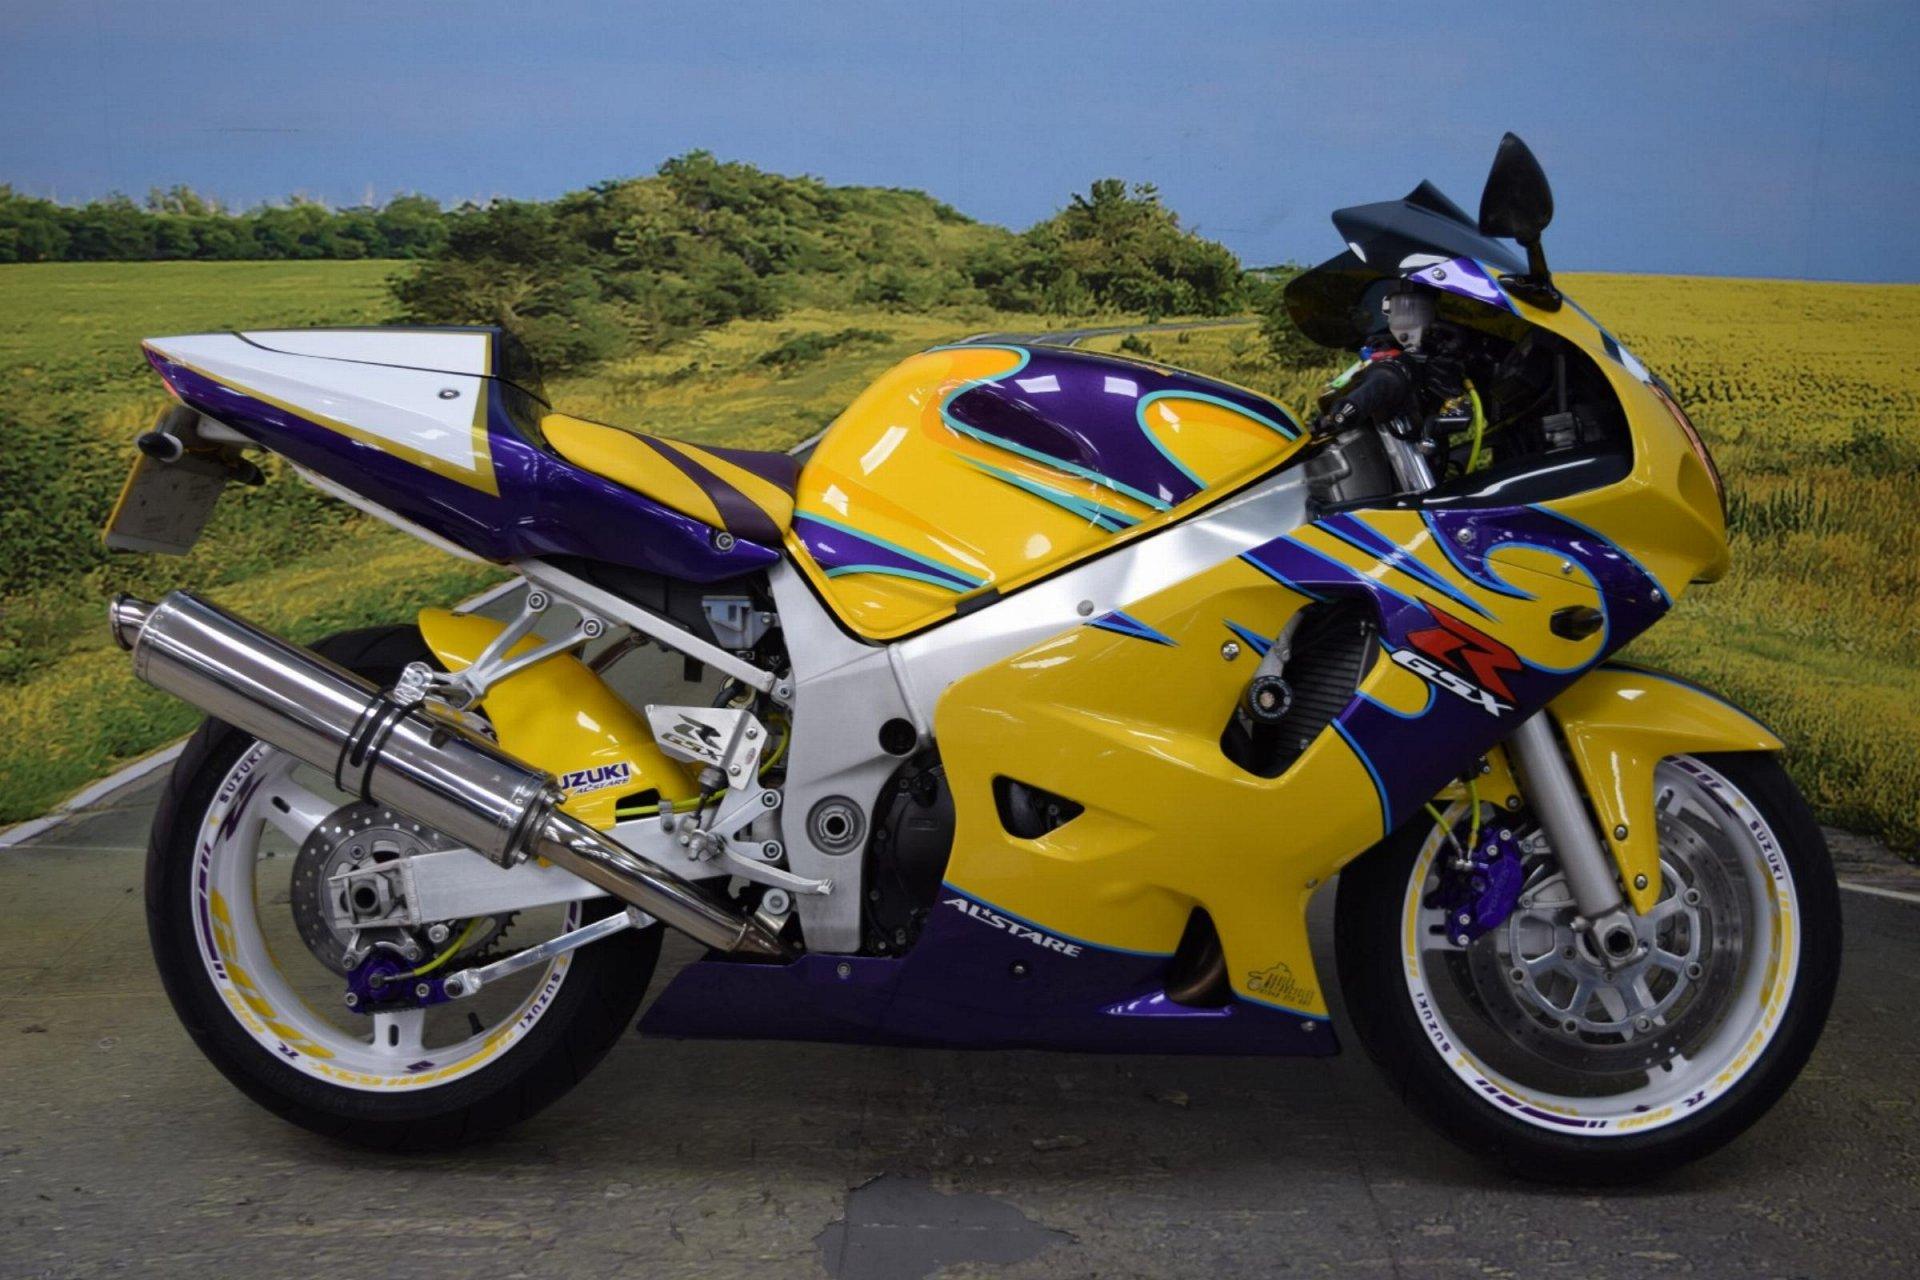 2003 Suzuki GSXR 600 for sale in Staffordshire